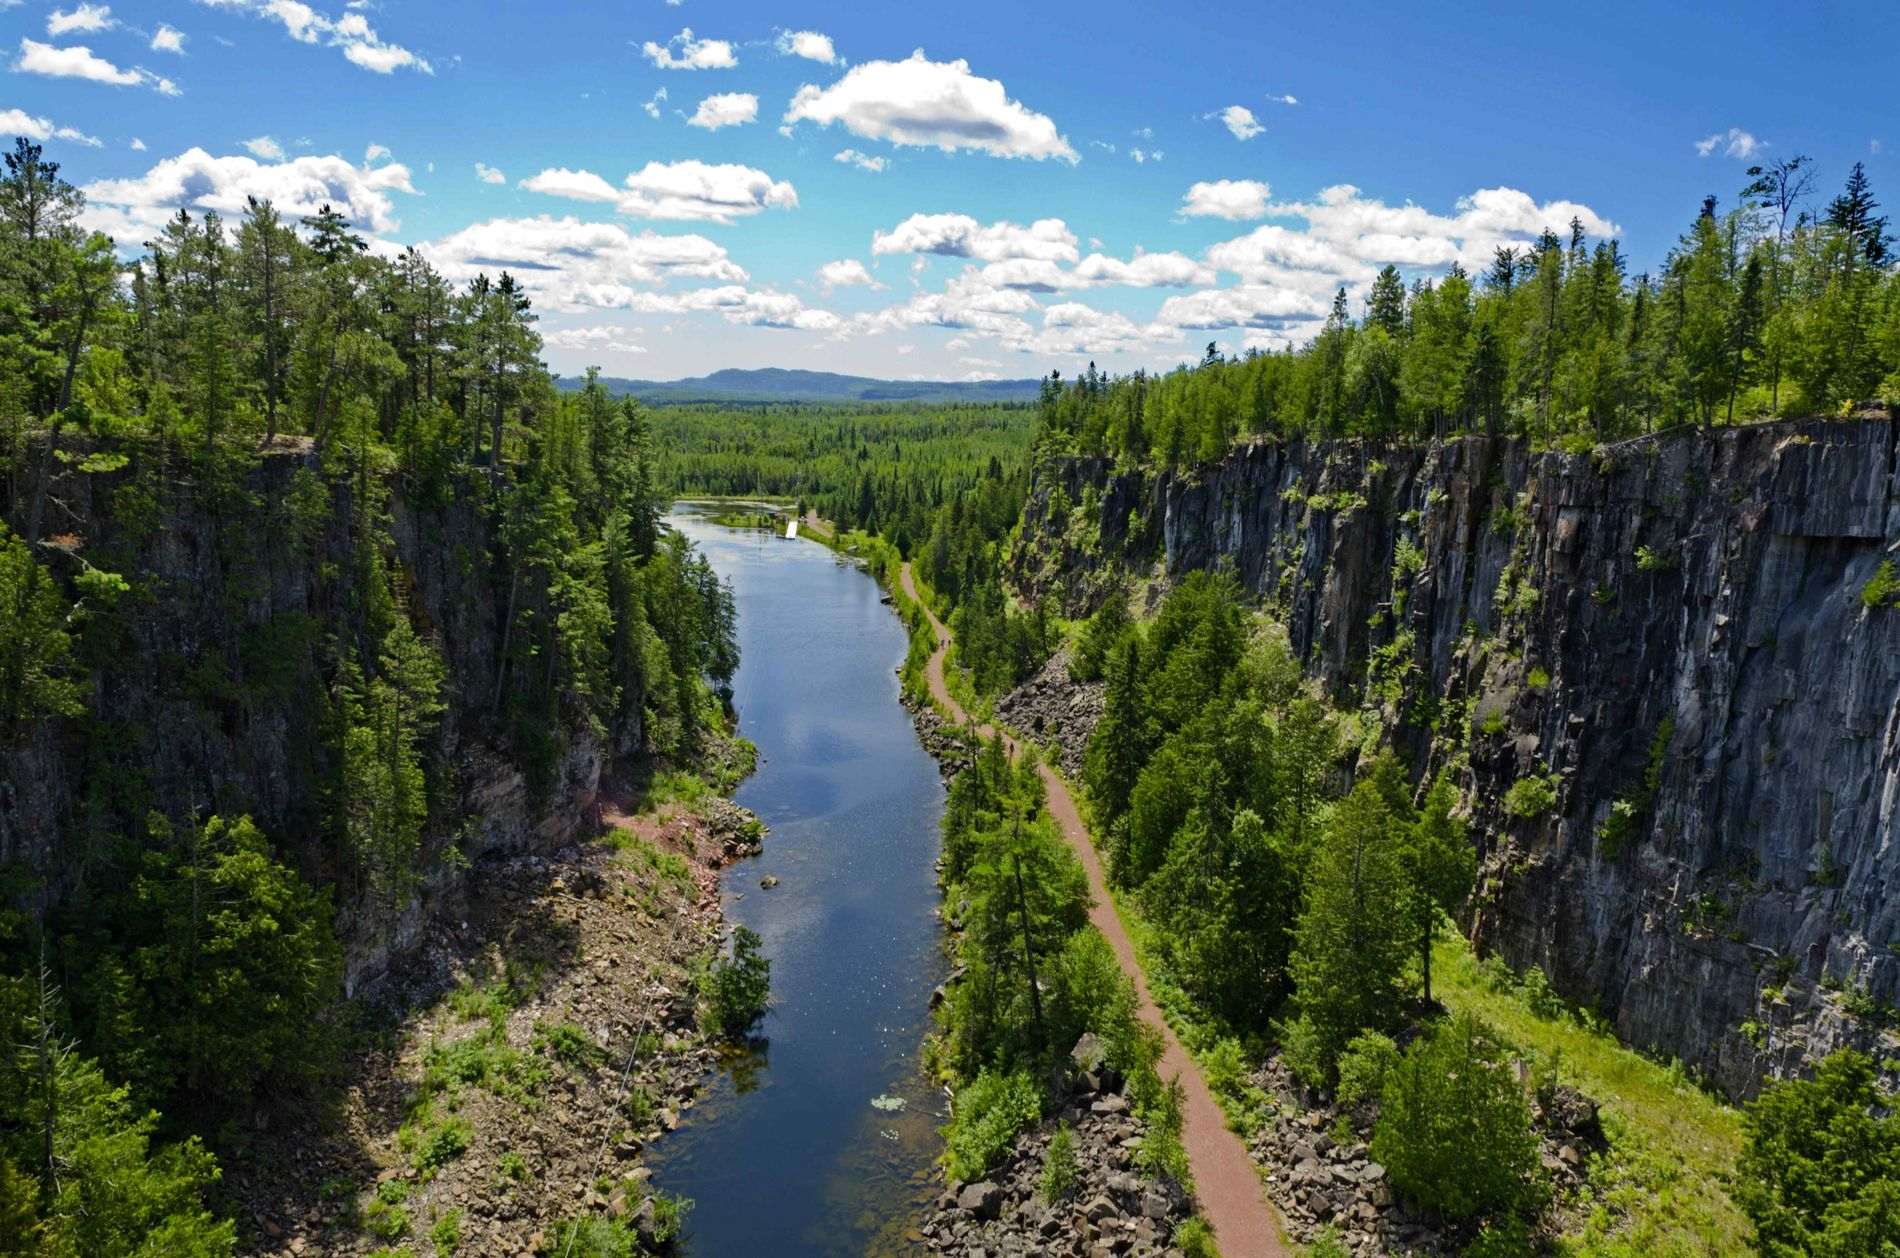 Blick in eine Schlucht nahe der Thunder Bay, nördlich des Lake Superior.